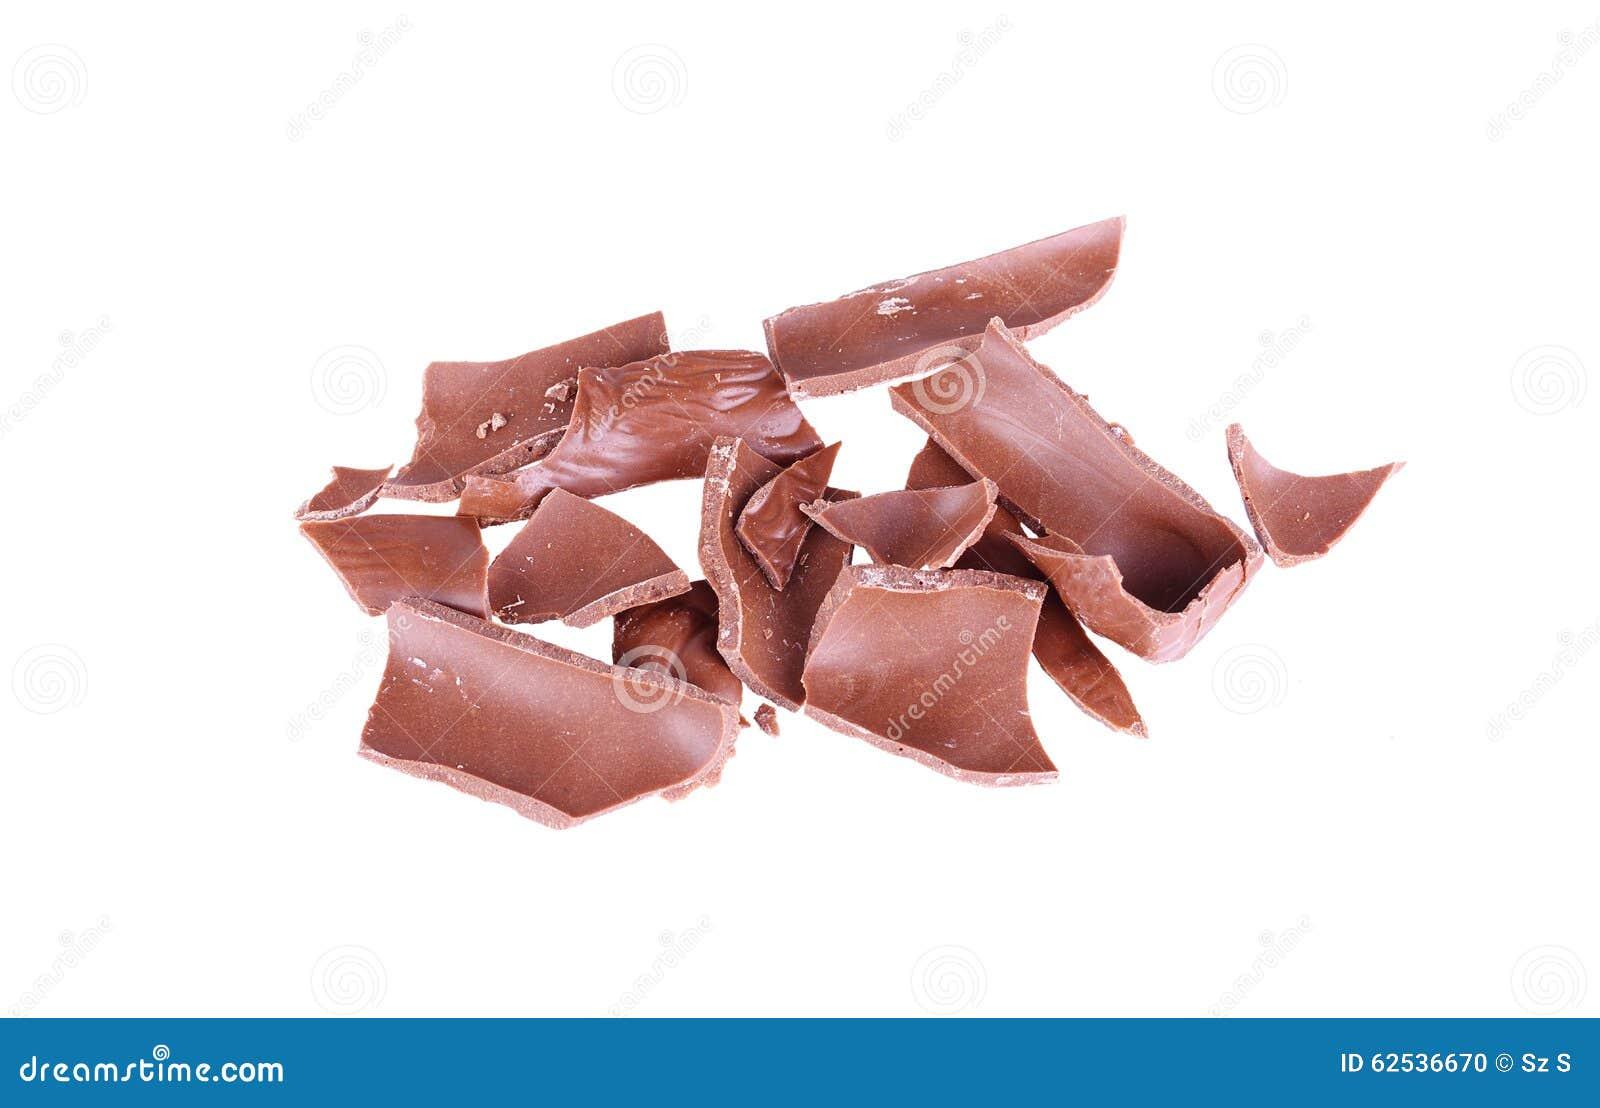 在白色背景隔绝的残破的巧克力